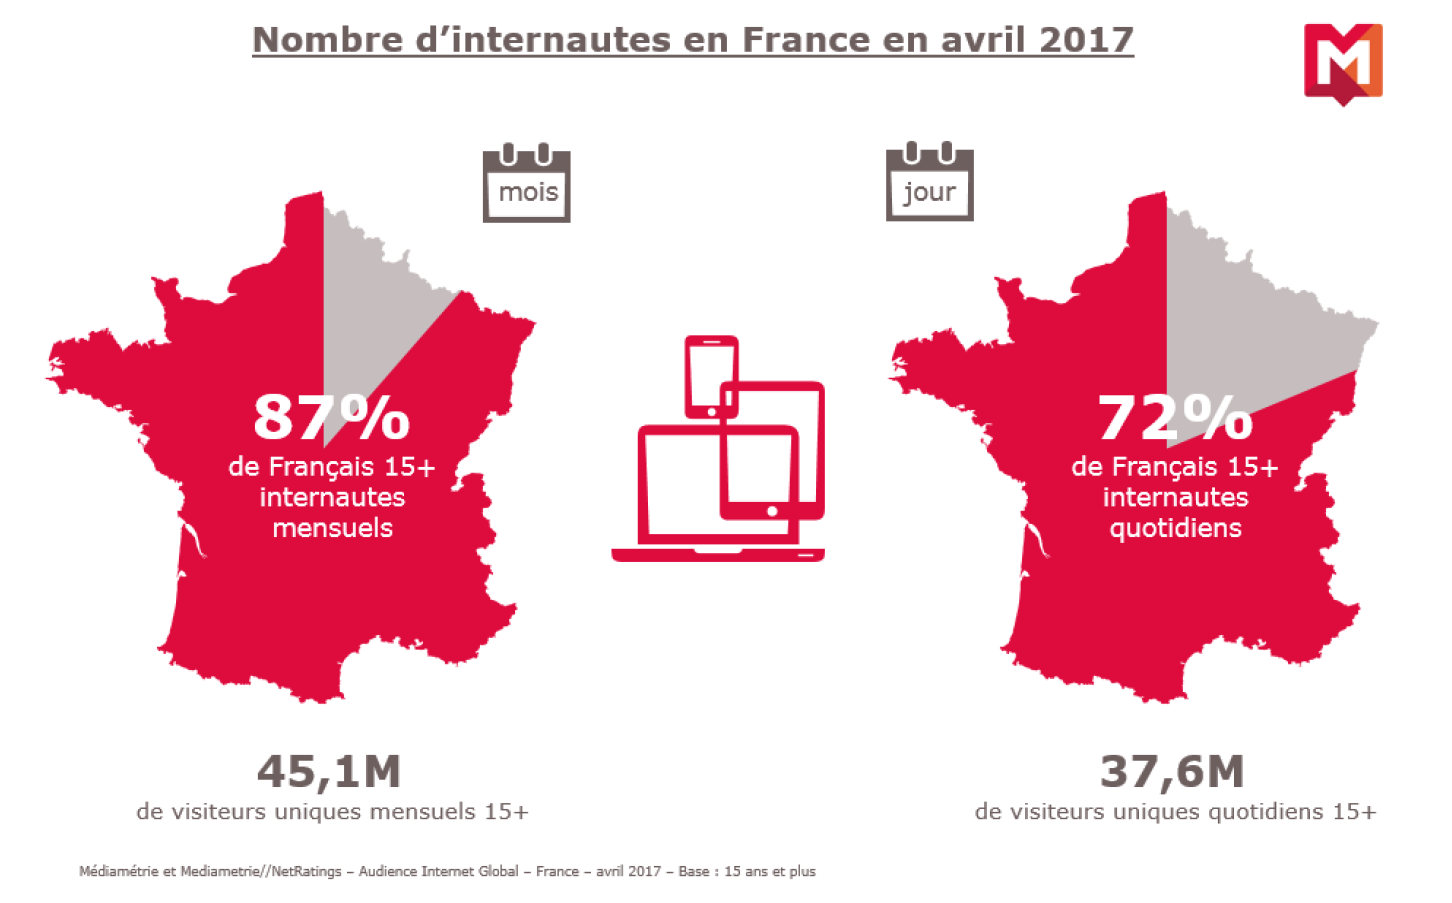 37.6 millions de Français sur Internet chaque jour